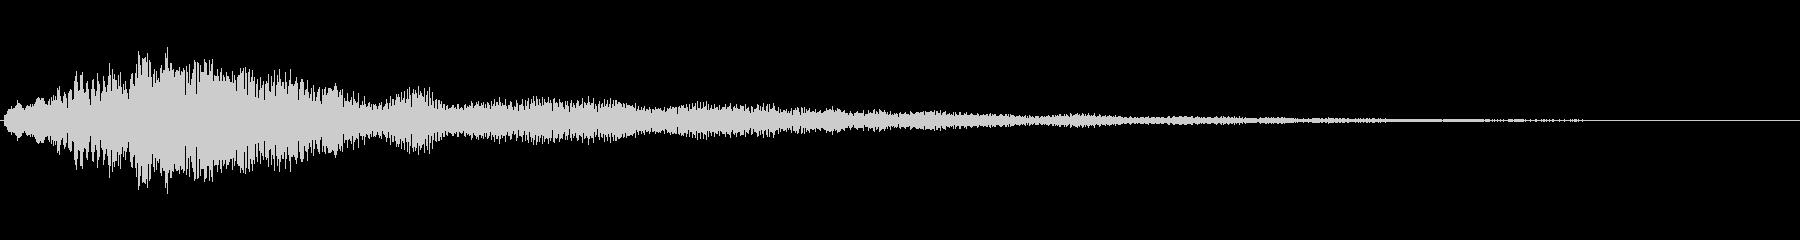 キラーーーン #51の未再生の波形